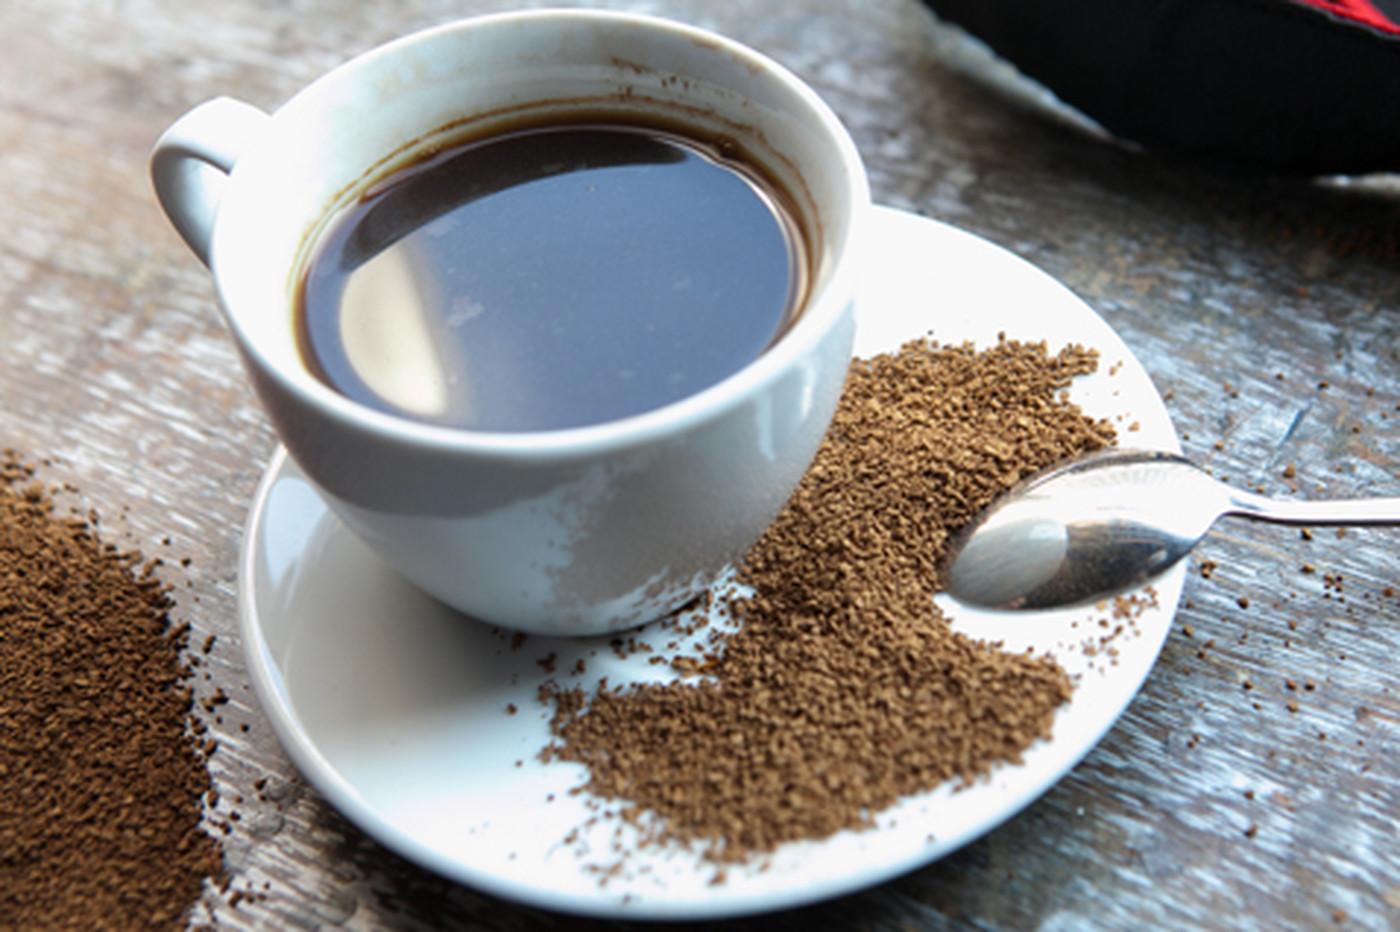 Растворимый кофе эксперты признали полезнее и безопаснее зернового